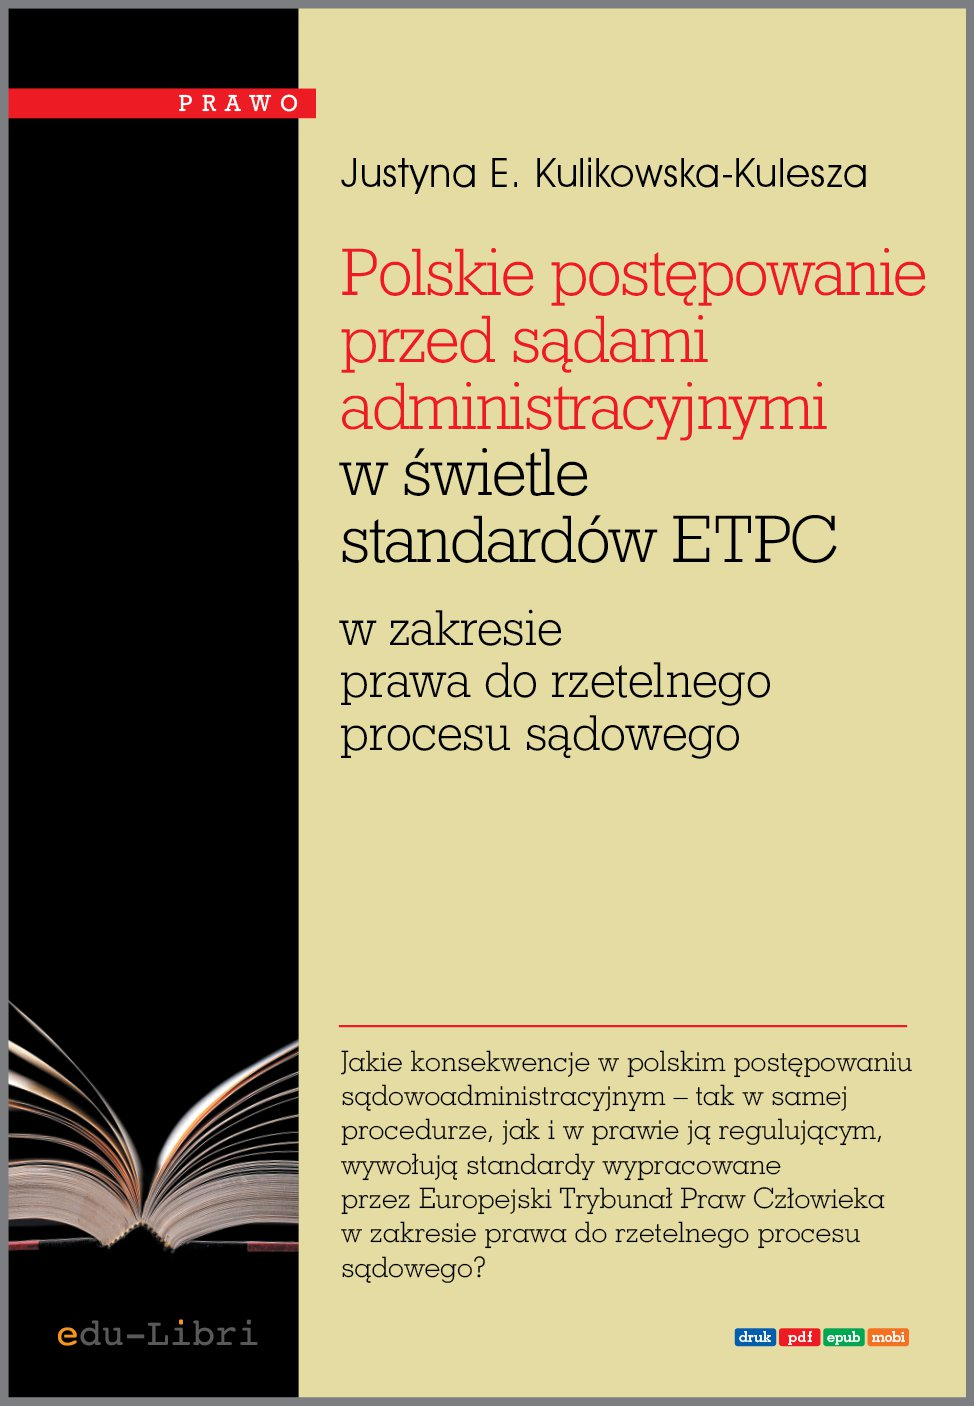 Polskie postępowanie przed sądami administracyjnymi w świetle standardów ETPC w zakresie prawa do rzetelnego procesu sądowego - Ebook (Książka EPUB) do pobrania w formacie EPUB